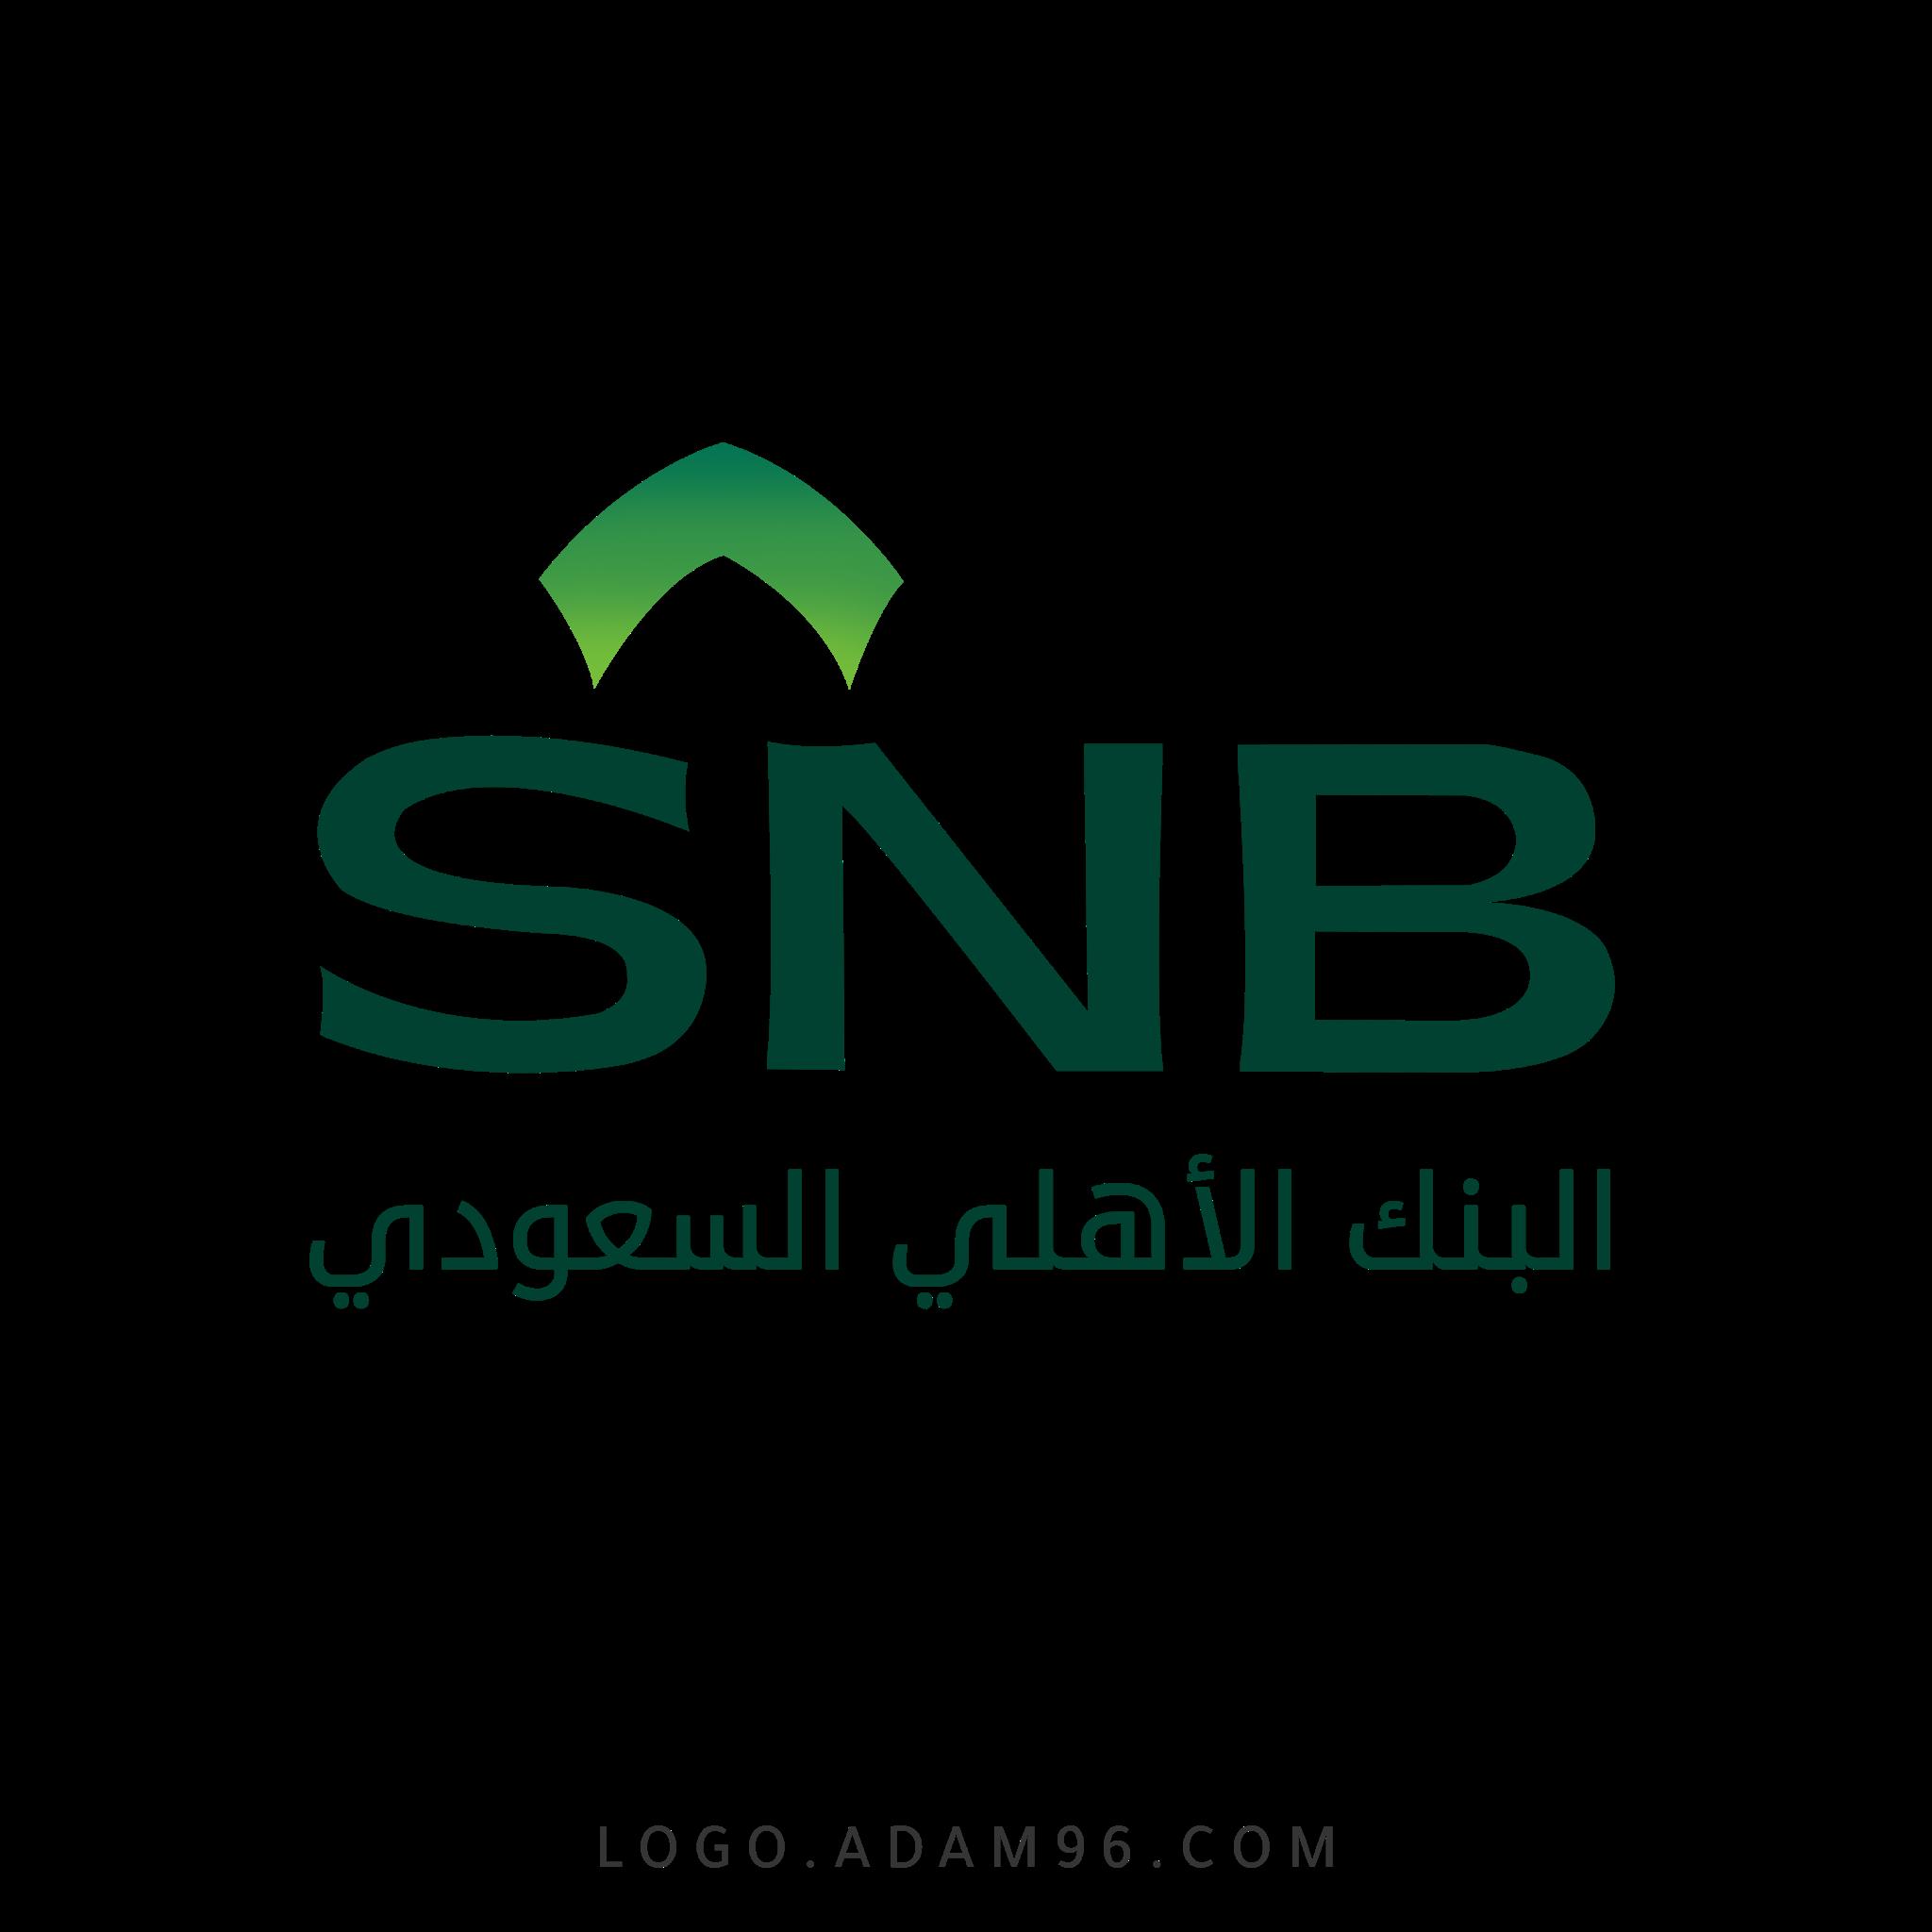 تحميل شعار البنك الأهلي السعودي الجديد لوجو رسمي عالي الدقة بصيغة شفافة PNG